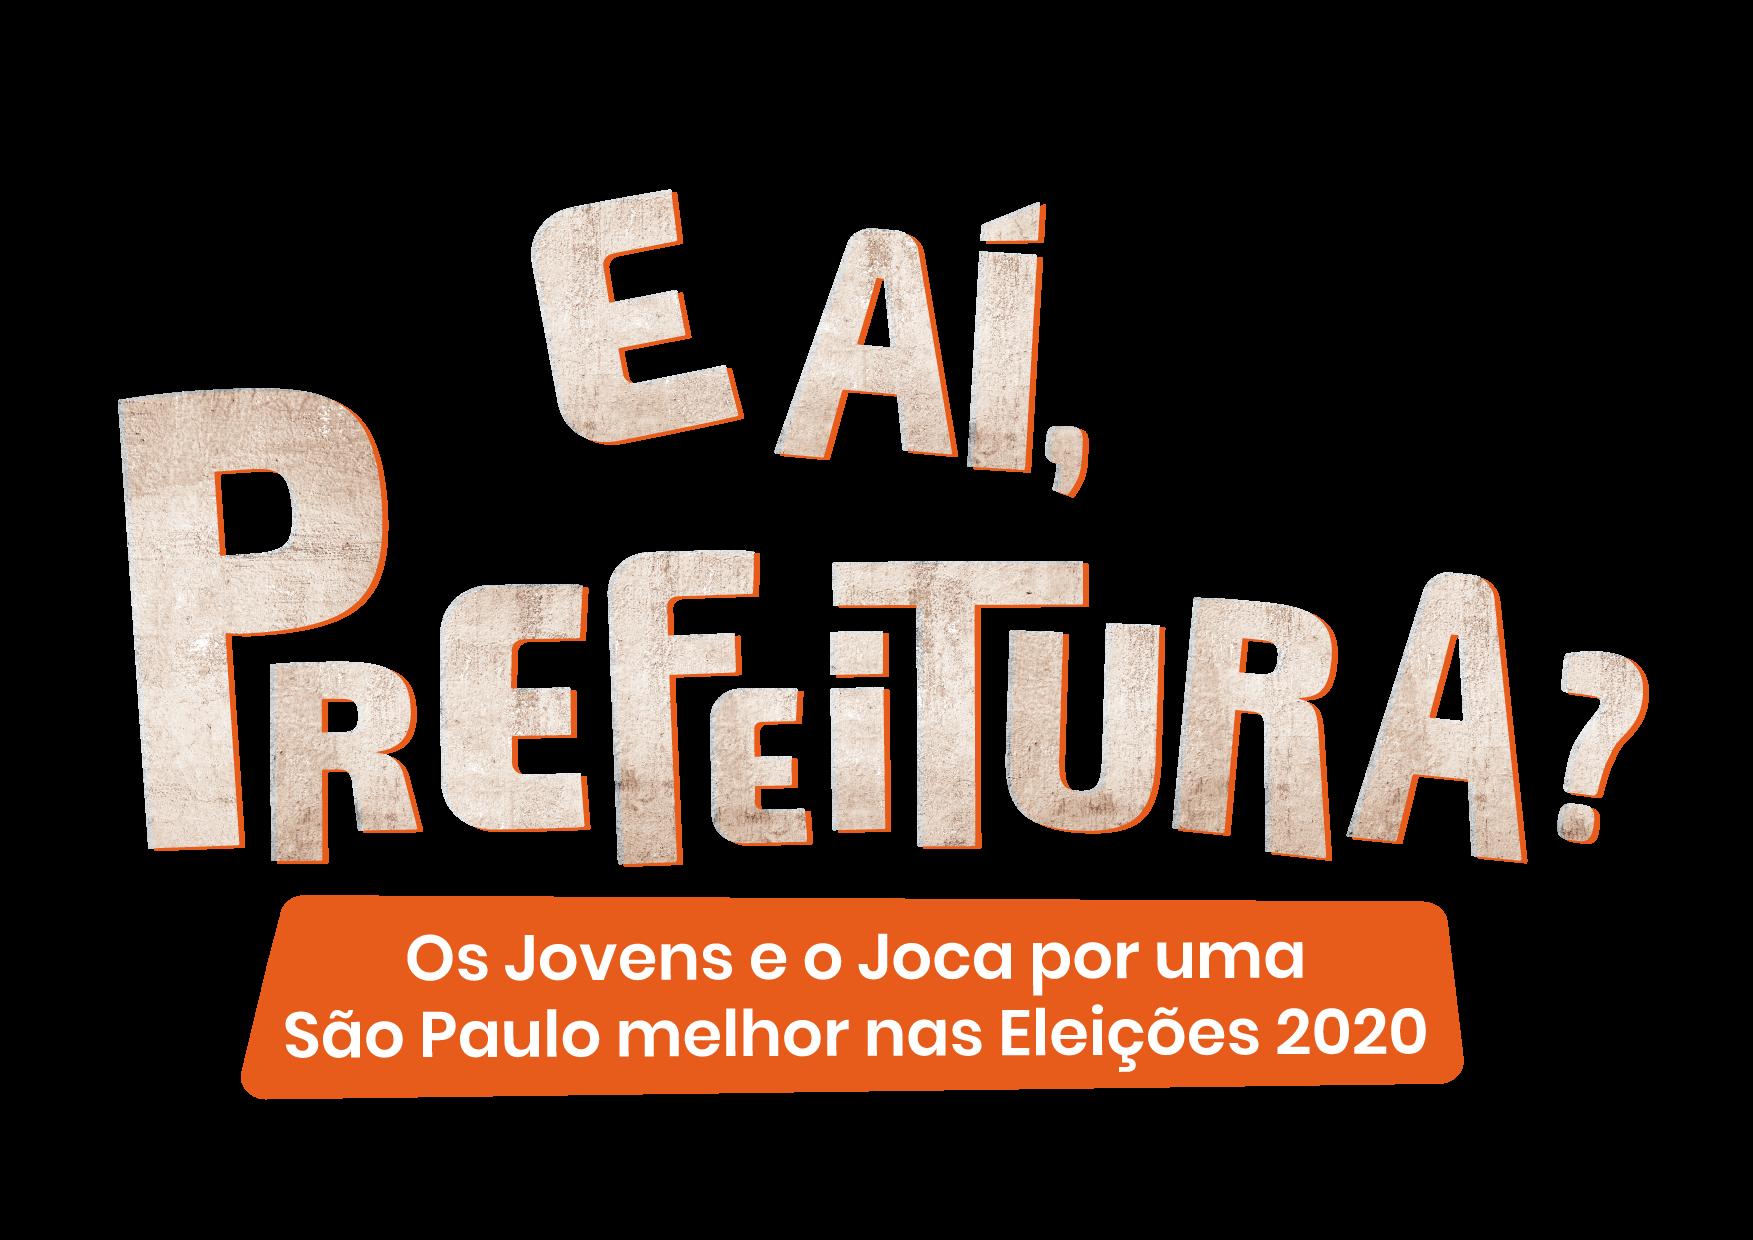 E aí, Prefeitura? Os jovens e o Joca por uma São Paulo melhos nas Eleições 2020